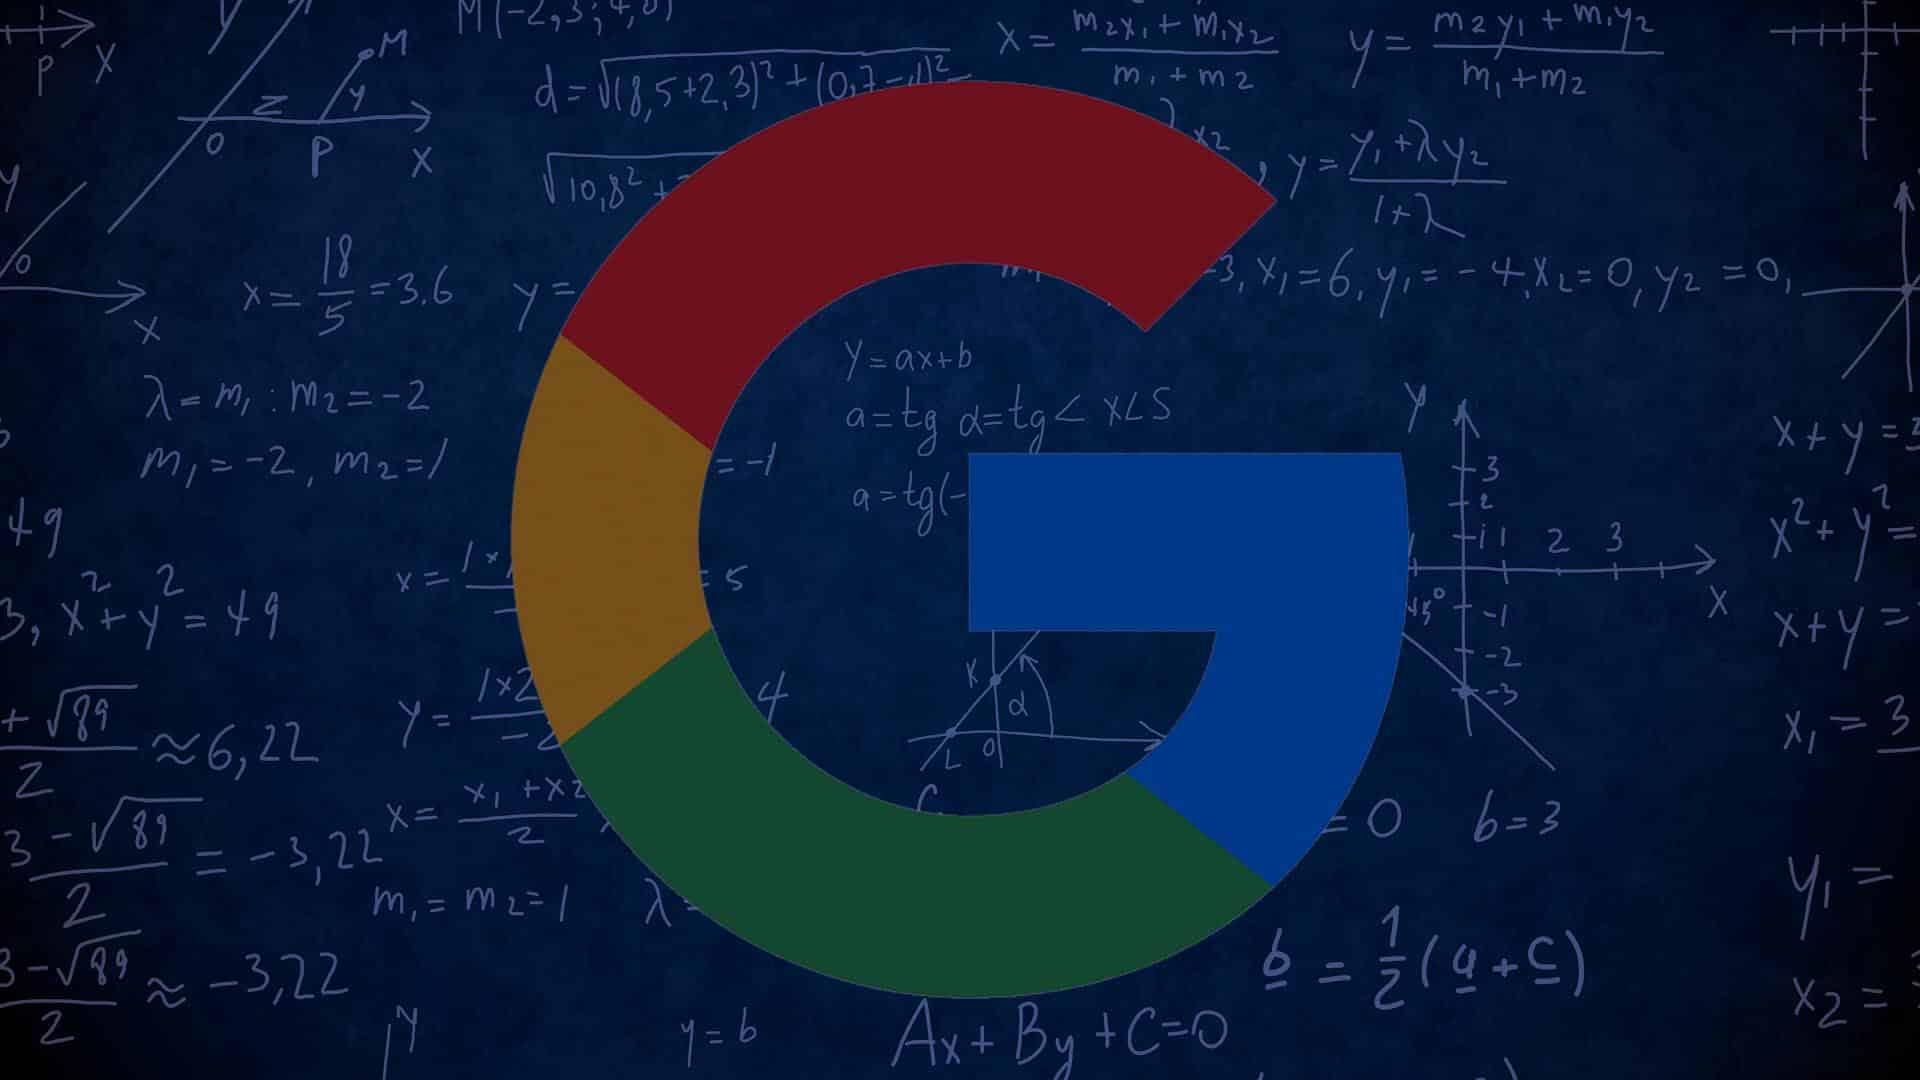 Πρώτη σελίδα στη Google, με την δύναμη των άρθρων